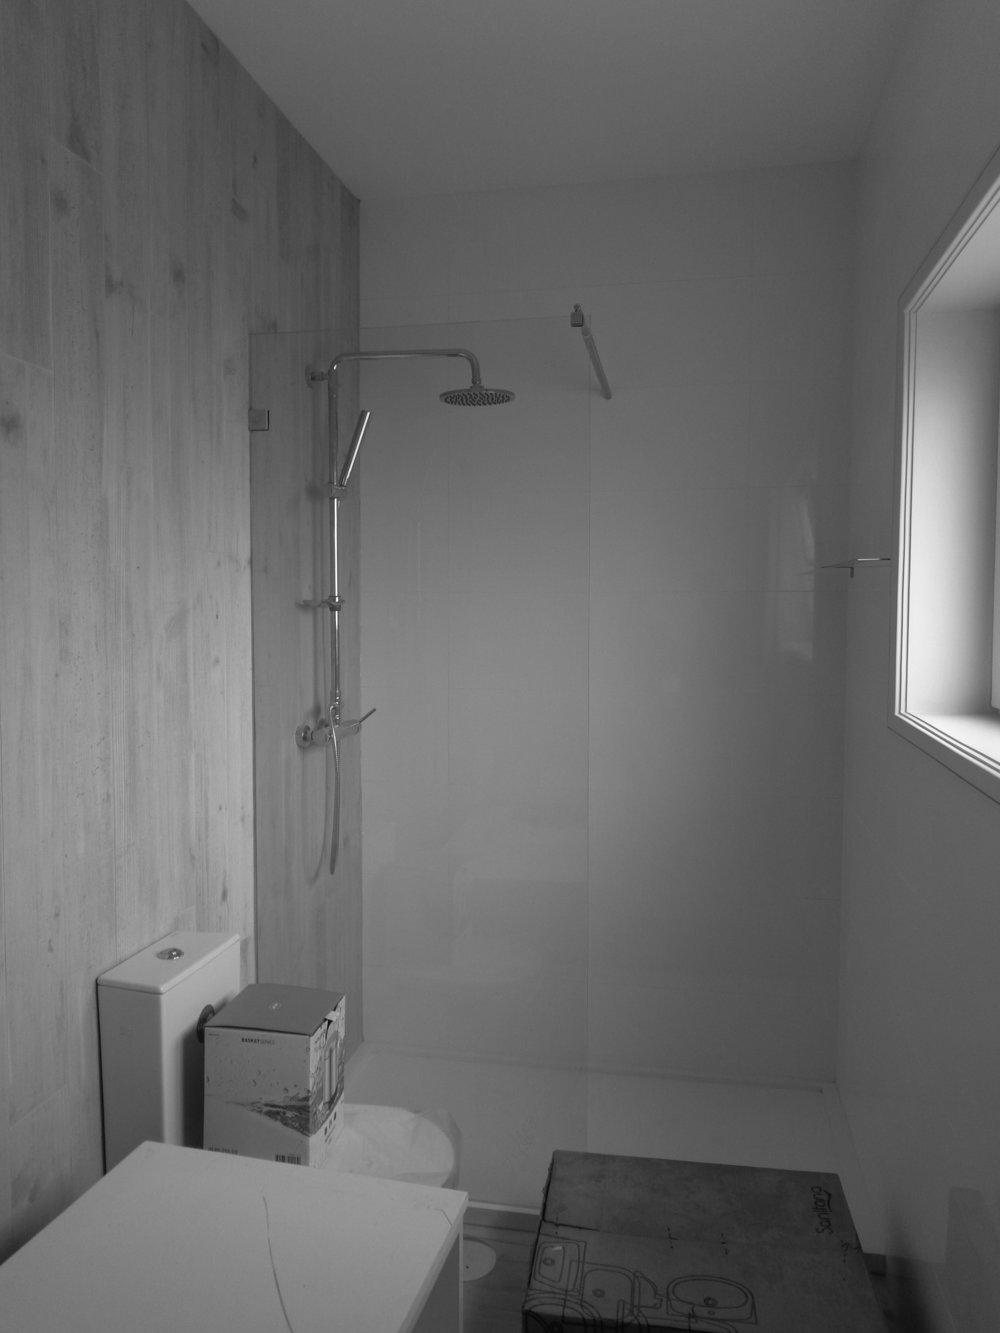 Moradia FG - Construção - Arquitectura - EVA evolutionary architecture - Remodelação - Arquitectos Porto (13).jpg